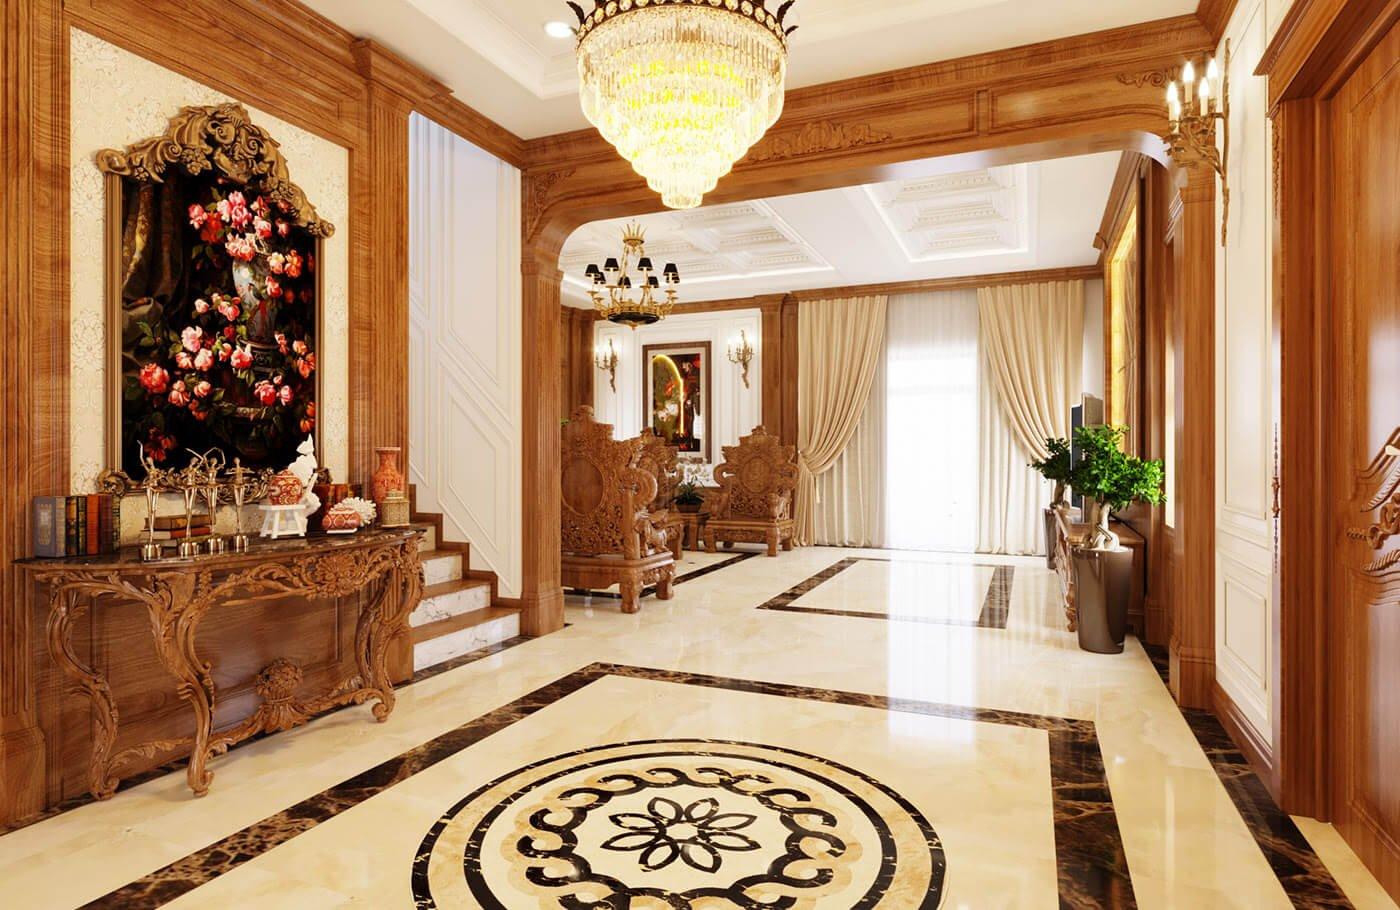 biệt thự kiểu cổ điển 5 tầng sảnh